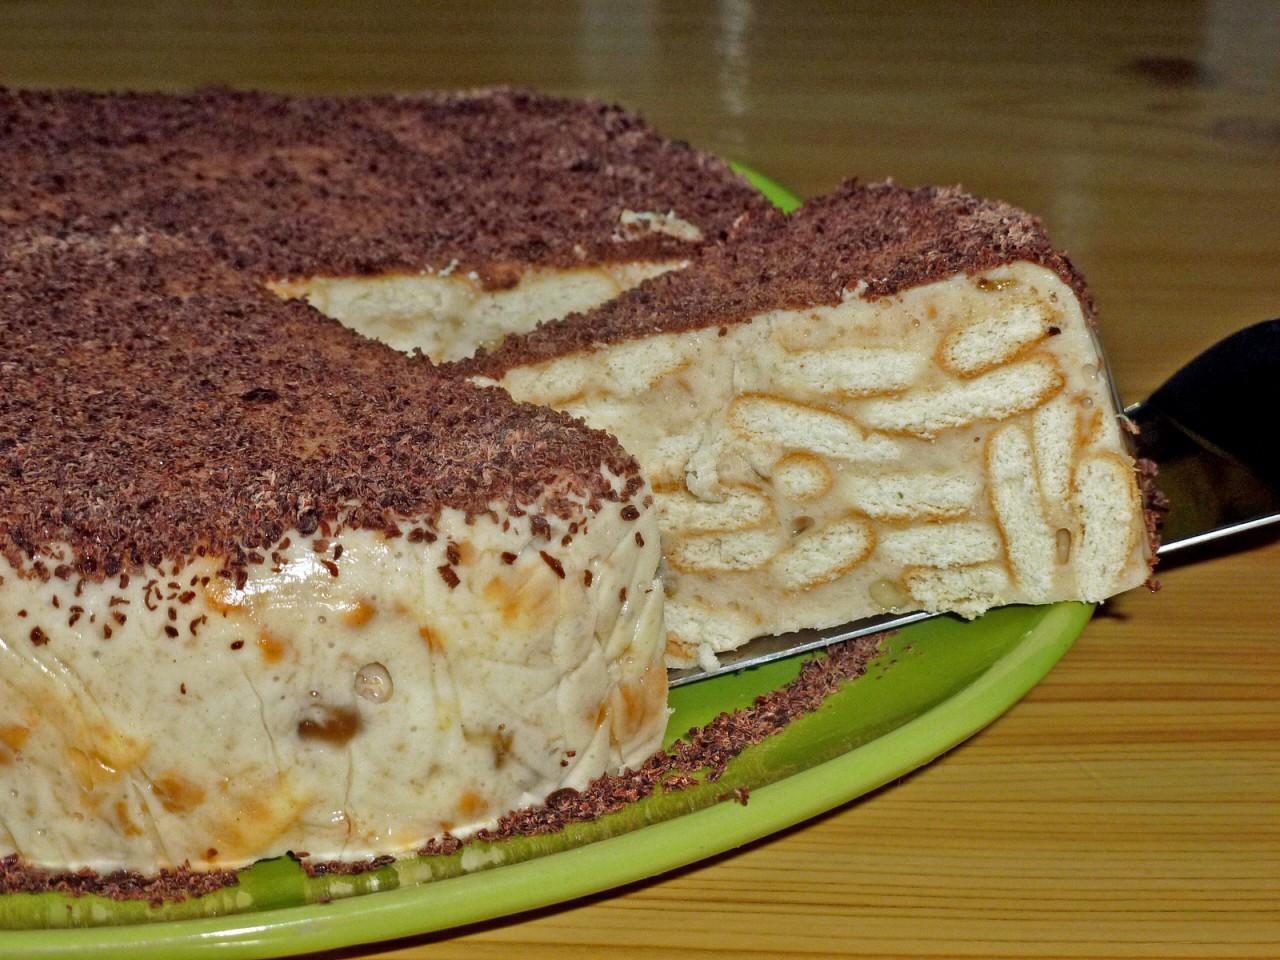 как сделать торт из печенья и сметаны